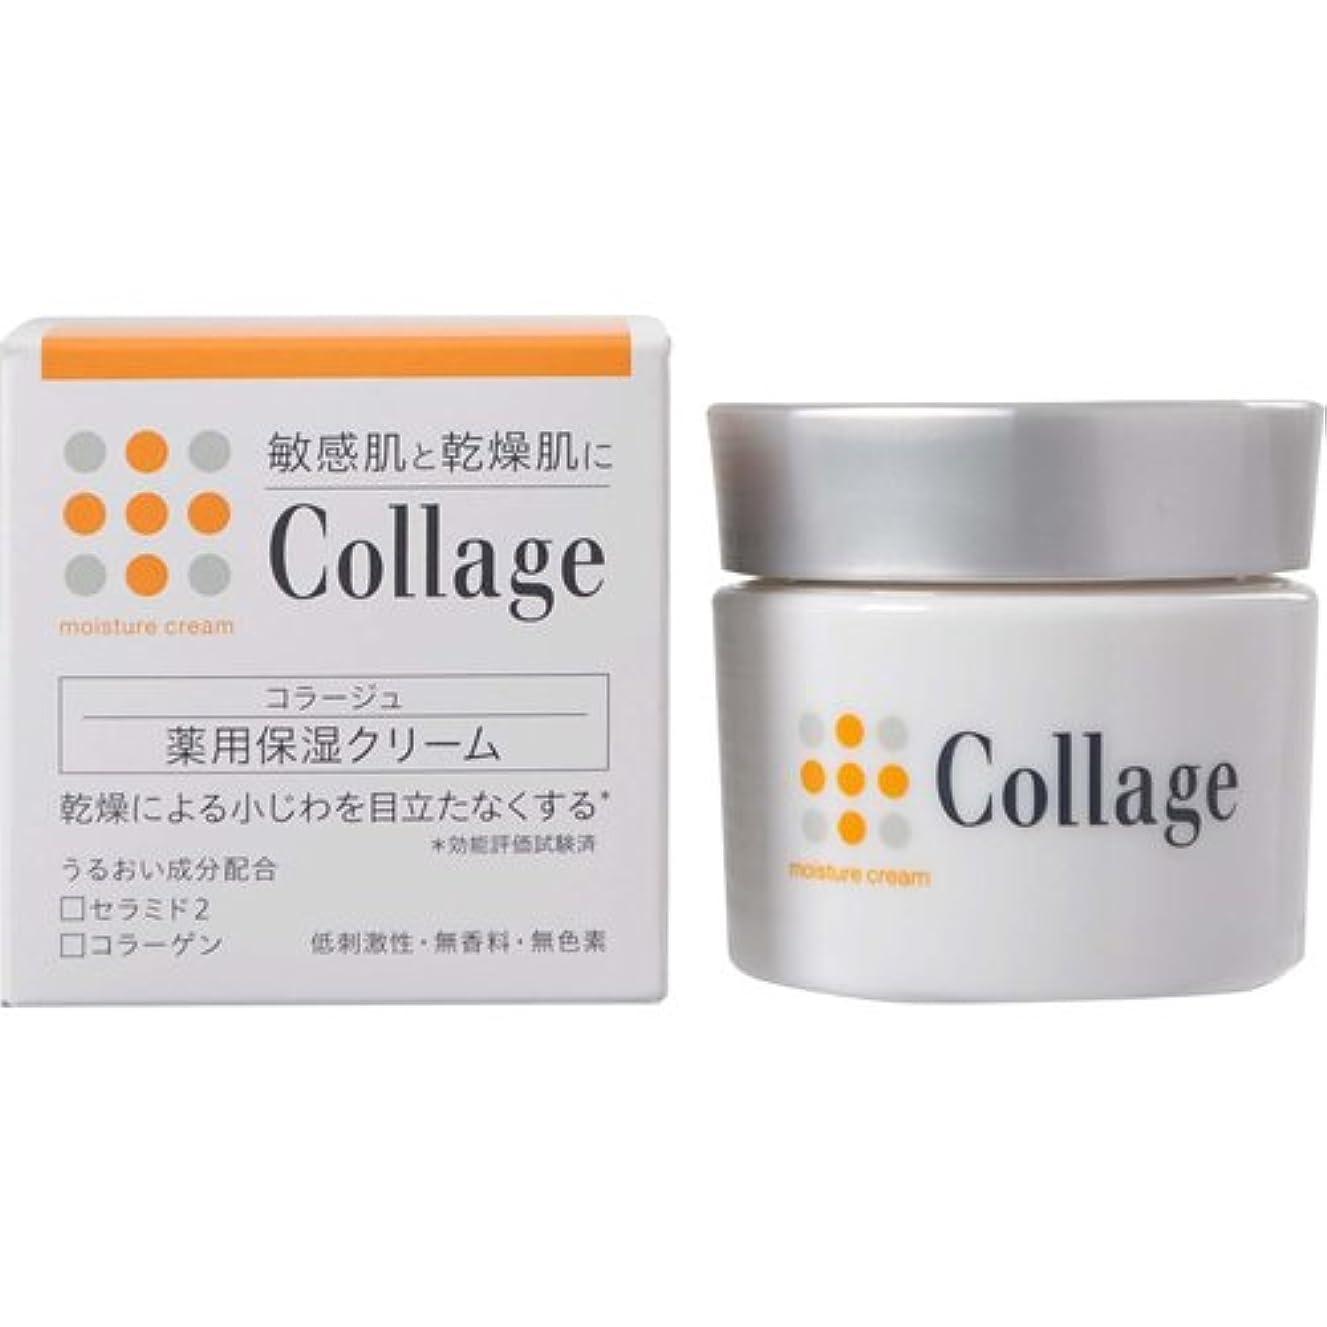 箱放出シャイコラージュ 薬用保湿クリーム 30g 【医薬部外品】